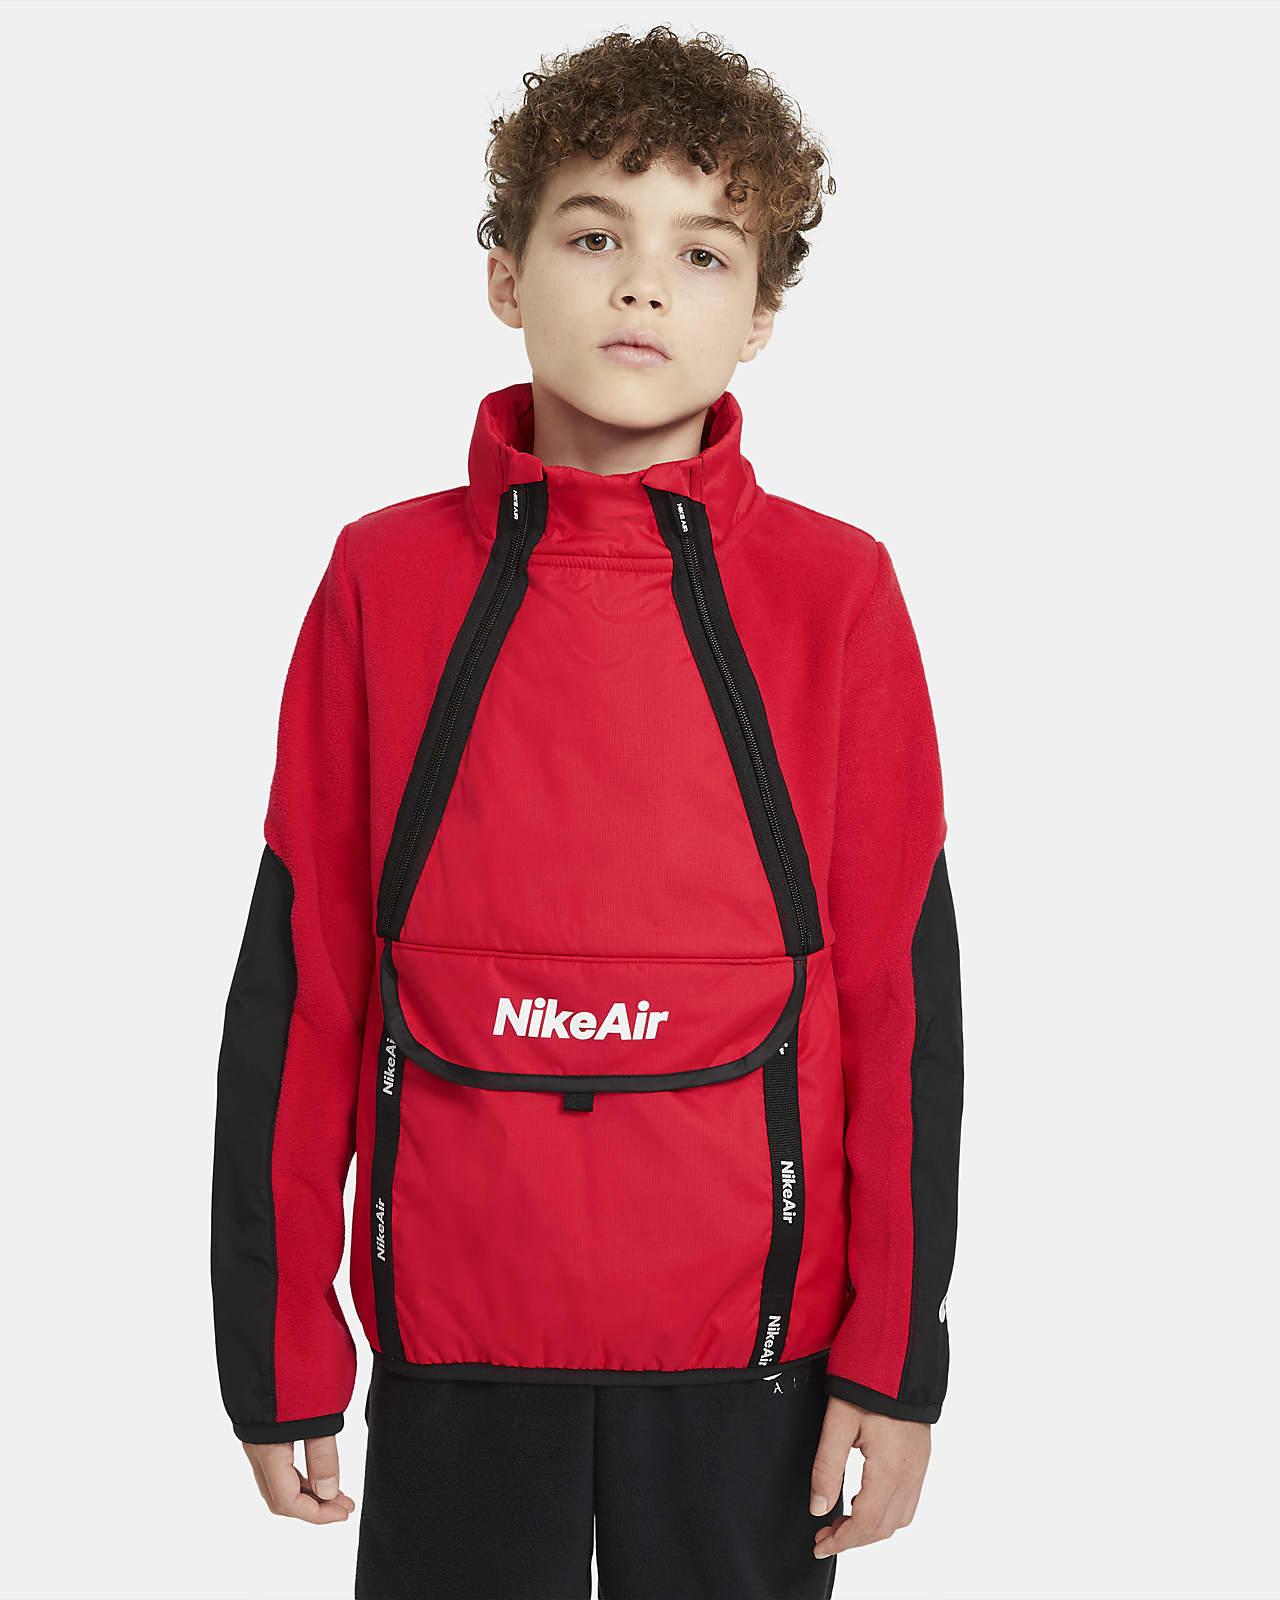 Зимняя толстовка для мальчиков школьного возраста Nike Air